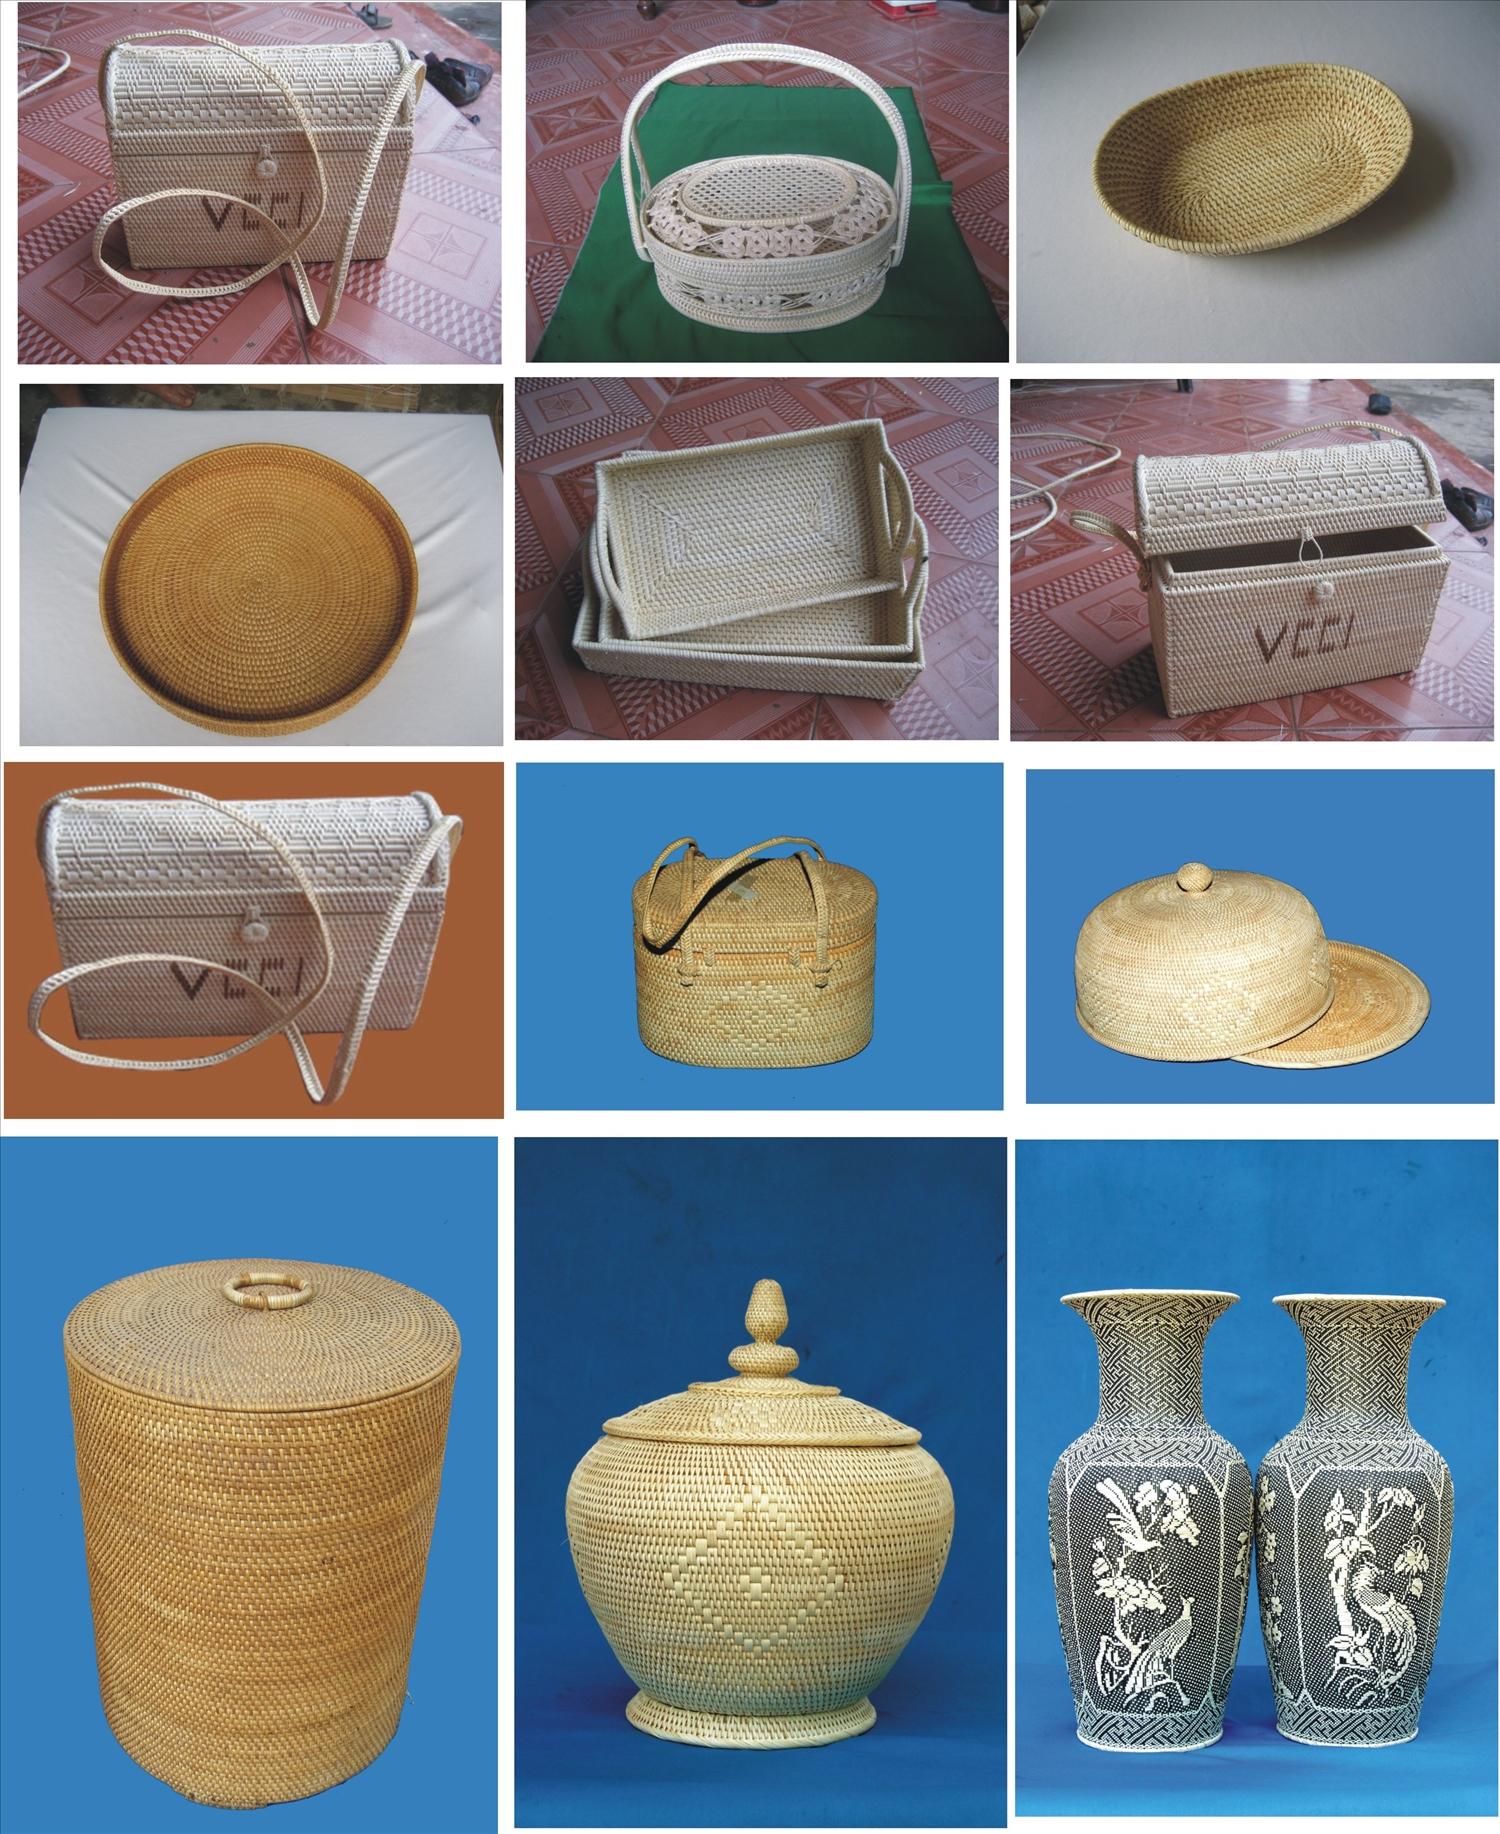 Sản phẩm của Công ty TNHH mỹ nghệ Hoa Sơn có mặt ở khắp nơi trên thế giới với nhiều mẫu đa dạng.